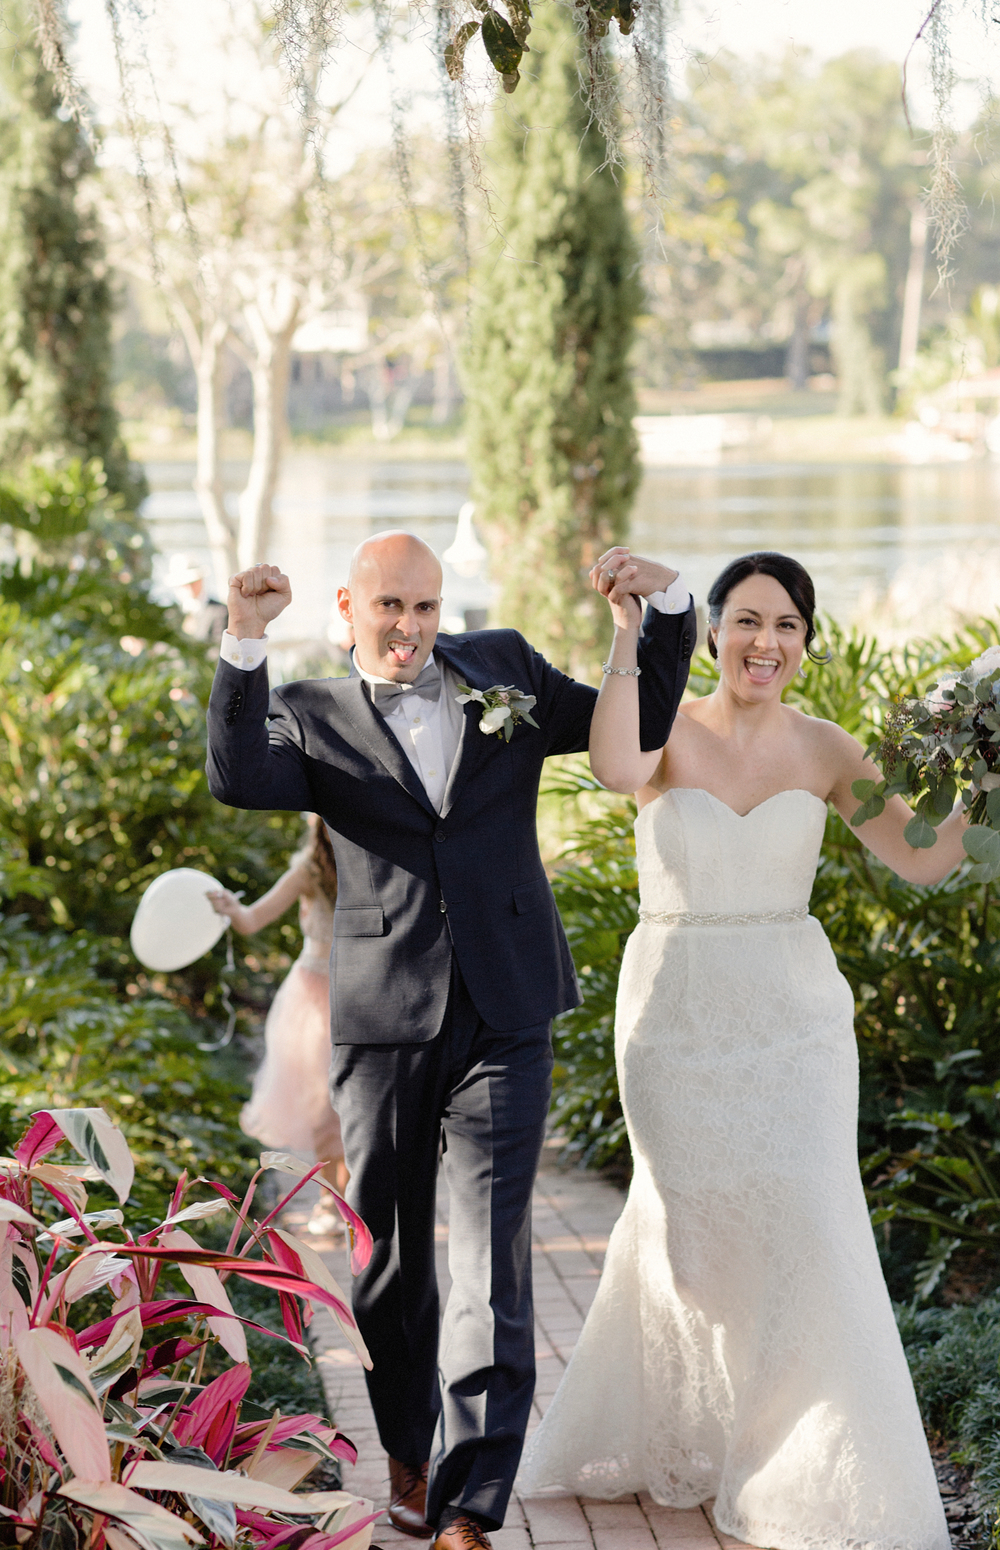 Orlando Wedding | Vanessa Boy |VANESSABOY.COM-304.com final set .jpg